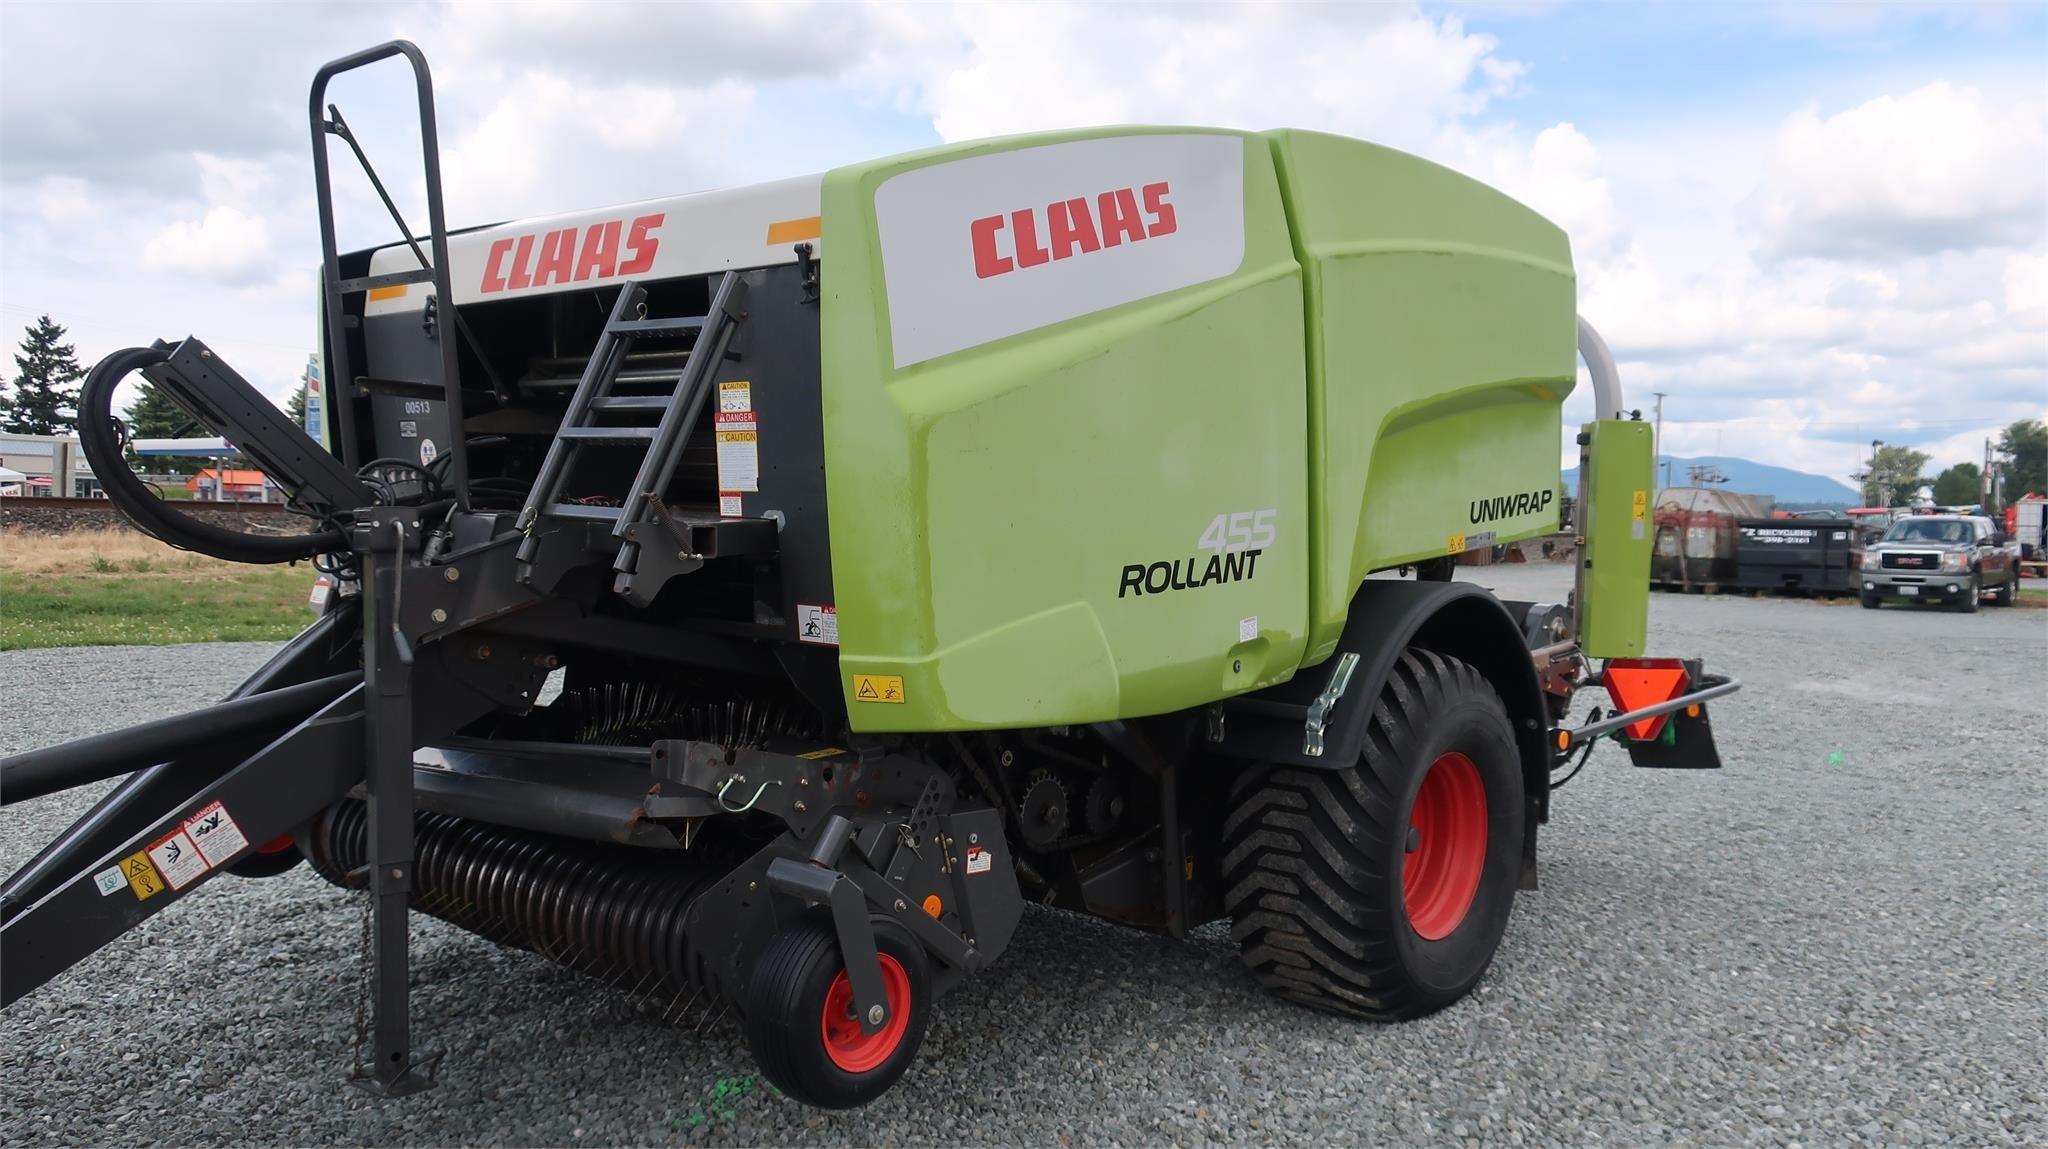 2015 Claas Rollant 455 Uniwrap Round Baler